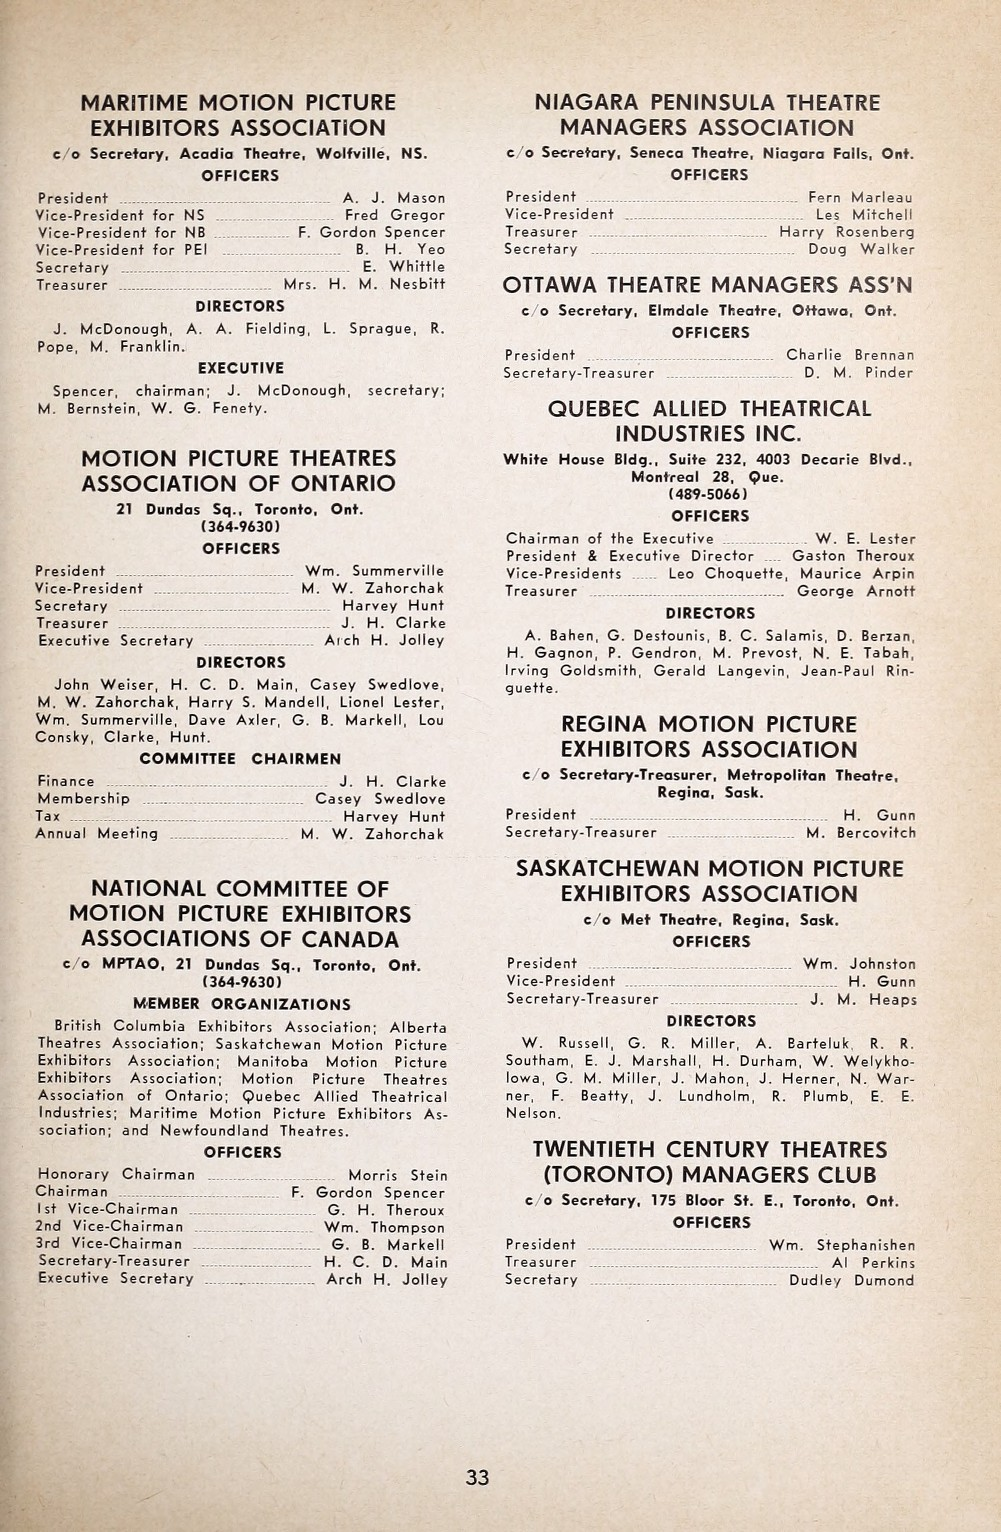 196364yearbookca00film_jp2.zip&file=196364yearbookca00film_jp2%2f196364yearbookca00film_0035